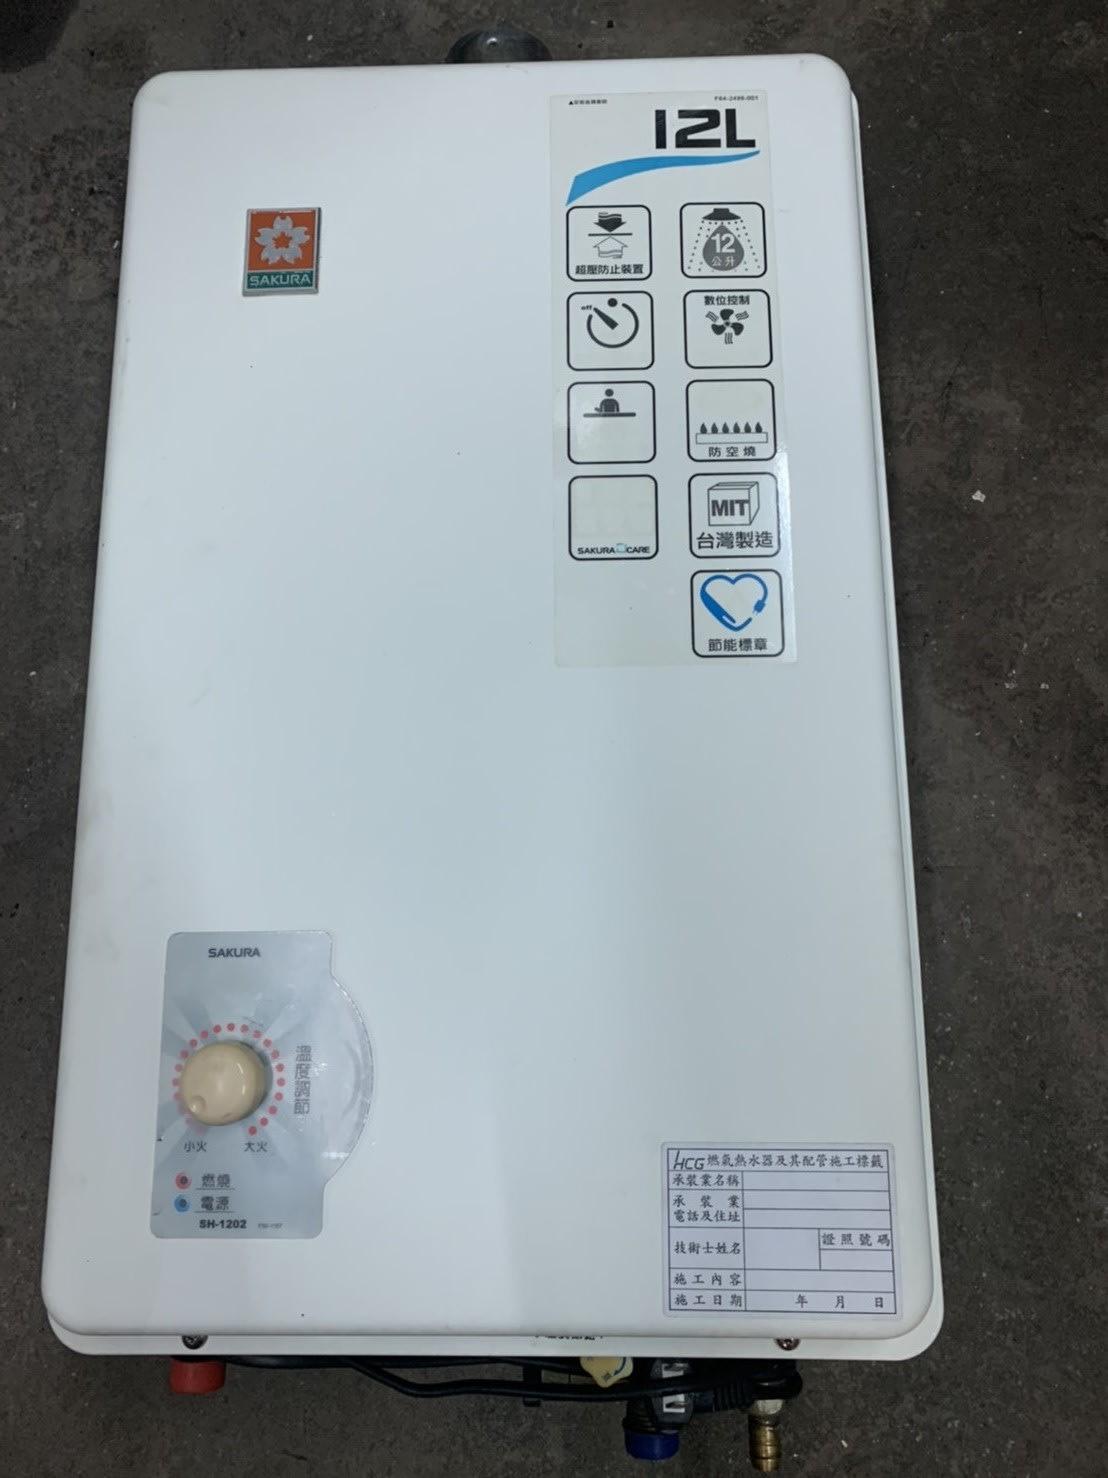 使用正常的12L櫻花牌SH1202恆溫強制排氣型天然瓦斯熱水器  可自取可送外縣市 無保固下標前請三思關鍵SH1331 SH1333 SH1335 SH1338